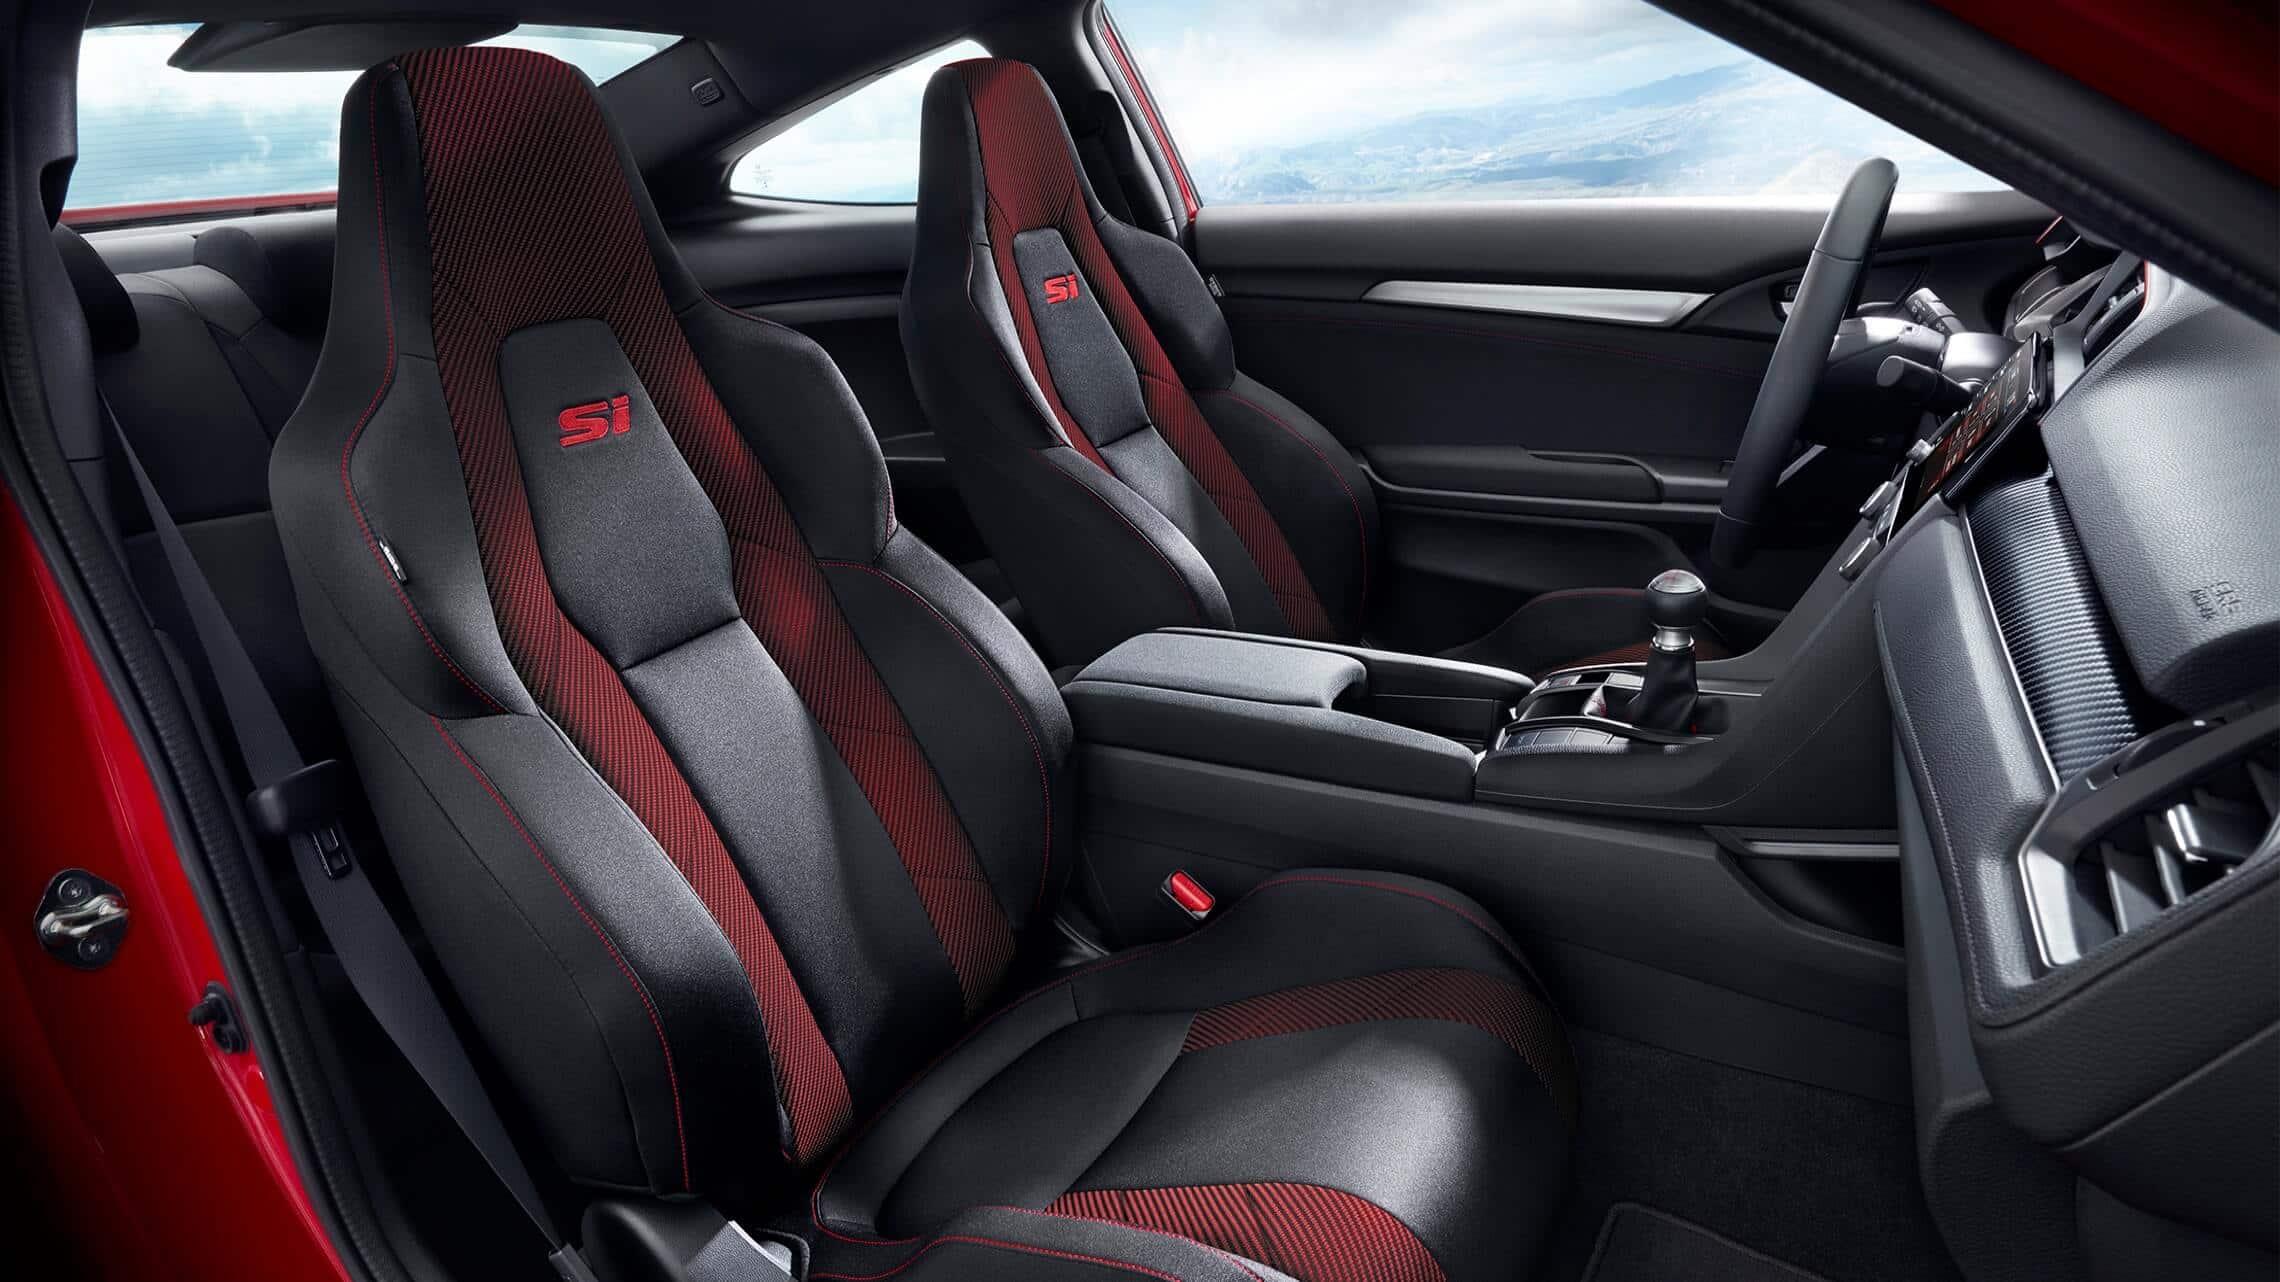 Vista interior desde el lado del pasajero de los asientos delanteros acojinados en el Honda Civic Si Coupé2020 en Black Cloth con detalles en rojo.